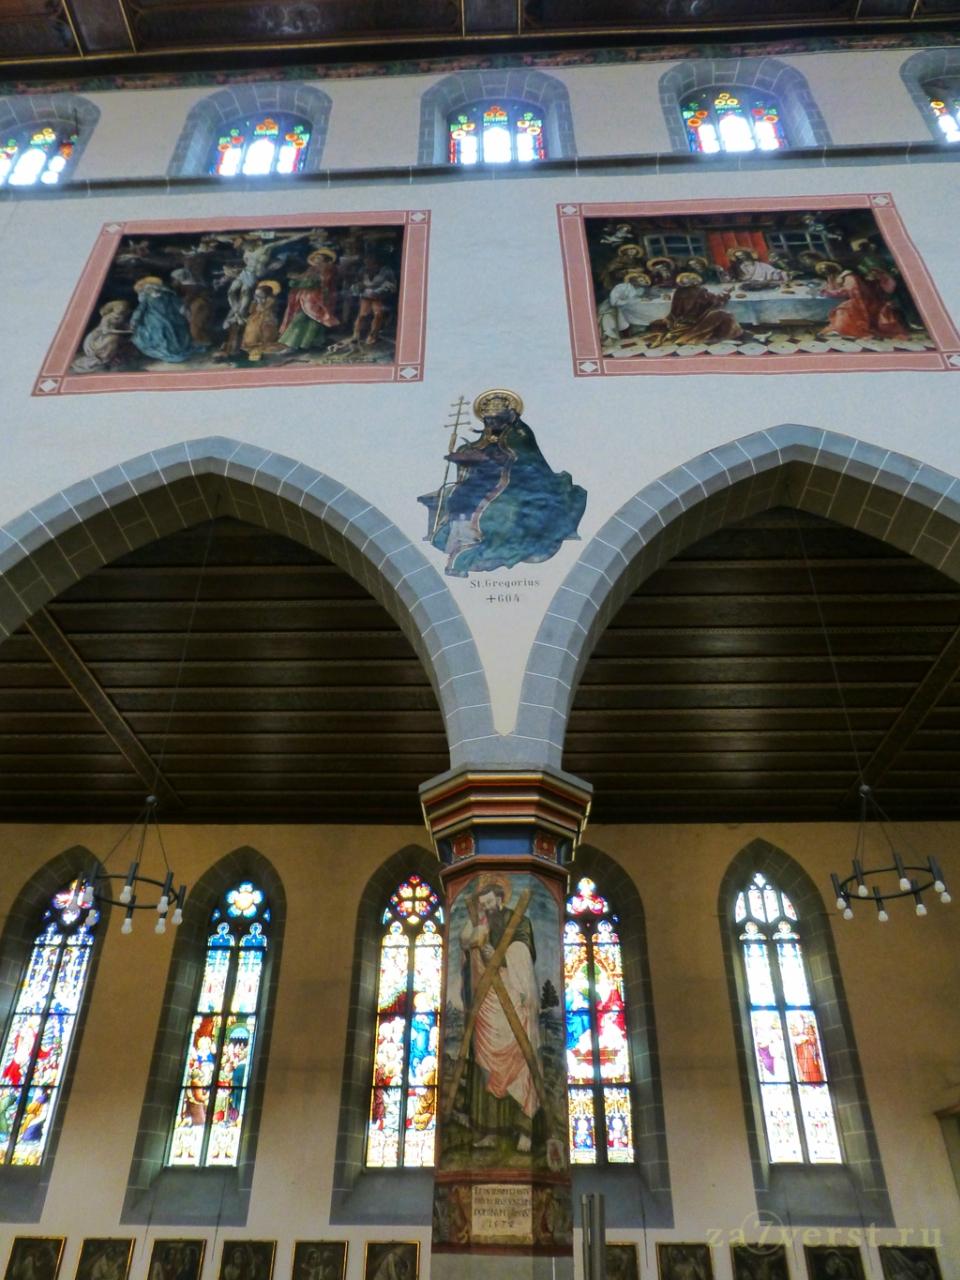 Церковь Святой Троицы, Констанц, Германия